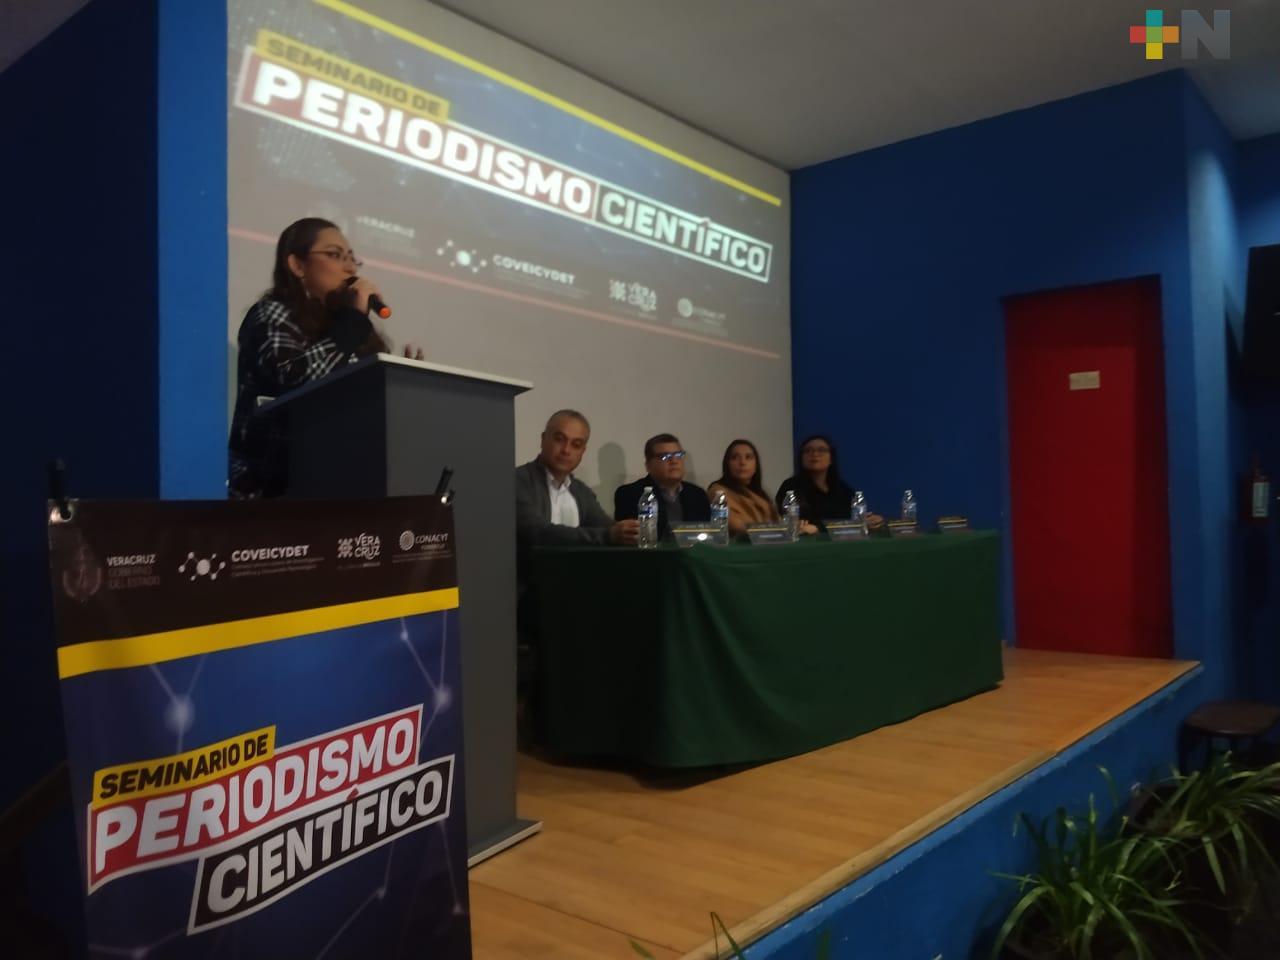 Científicos y periodistas intercambiaron experiencias en el Seminario de Periodismo Científico que se realizó en Xalapa